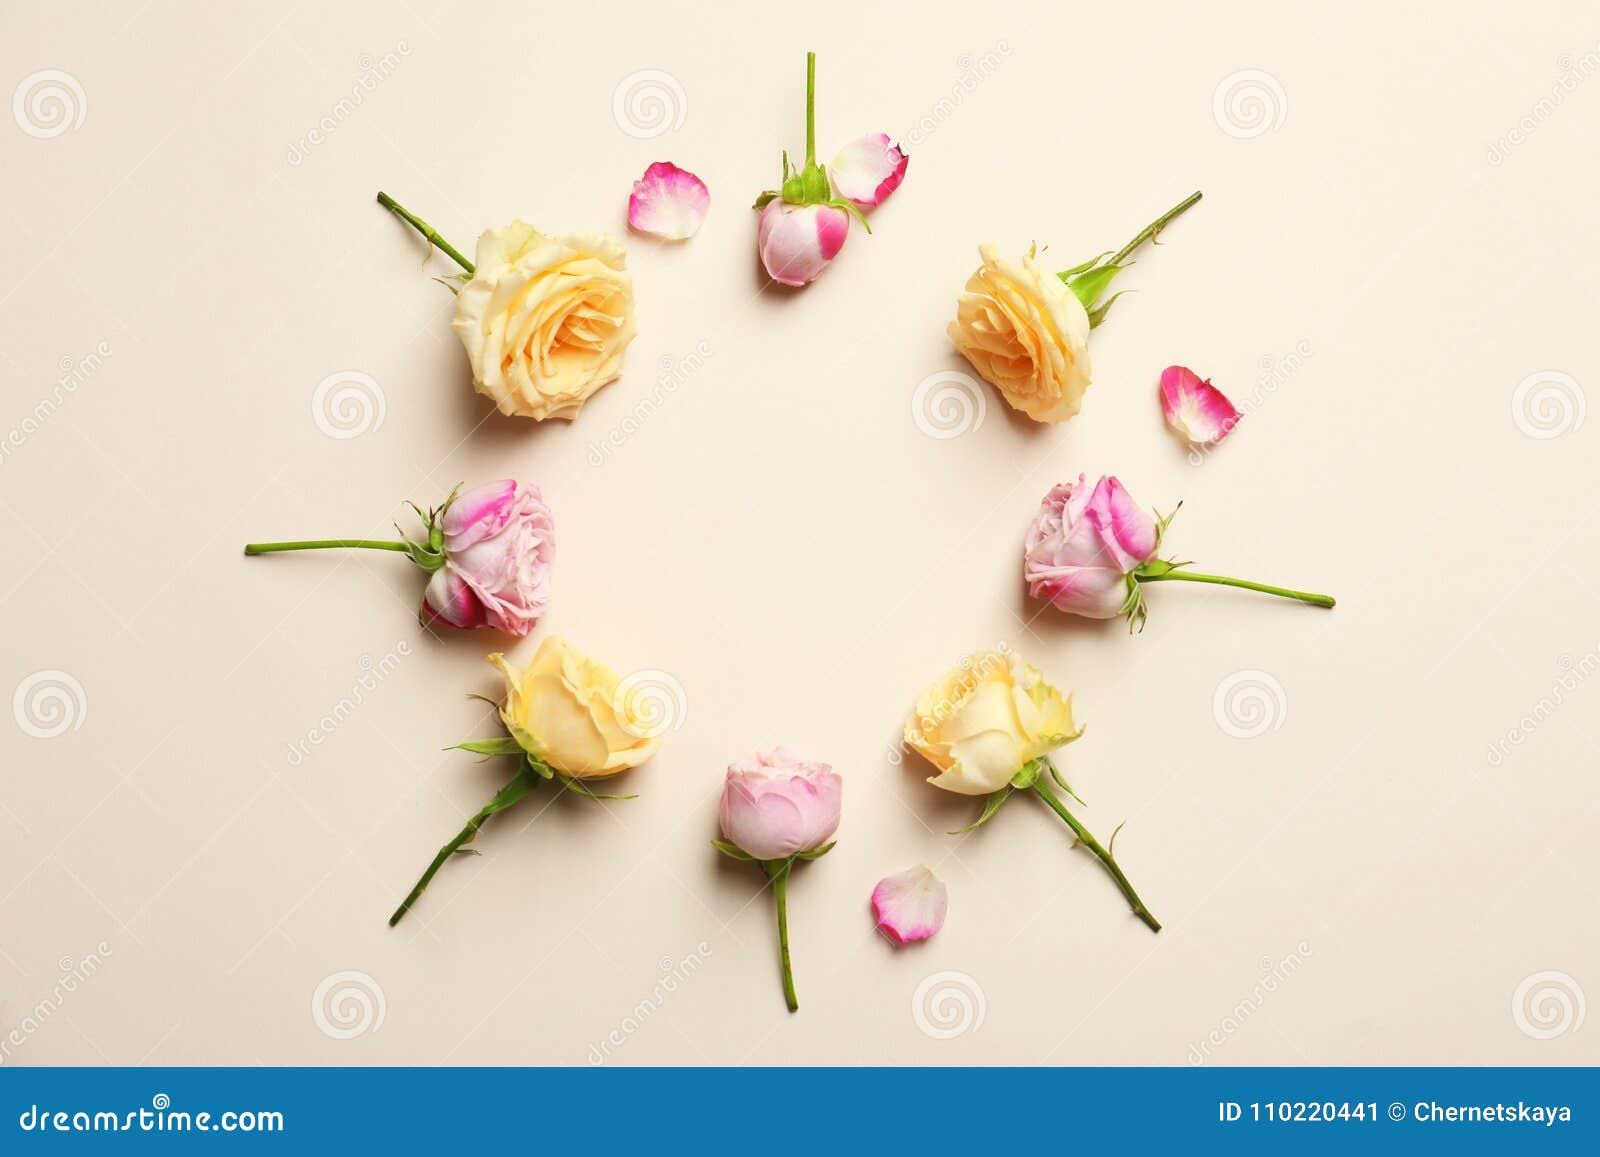 Quadro do círculo feito com rosas